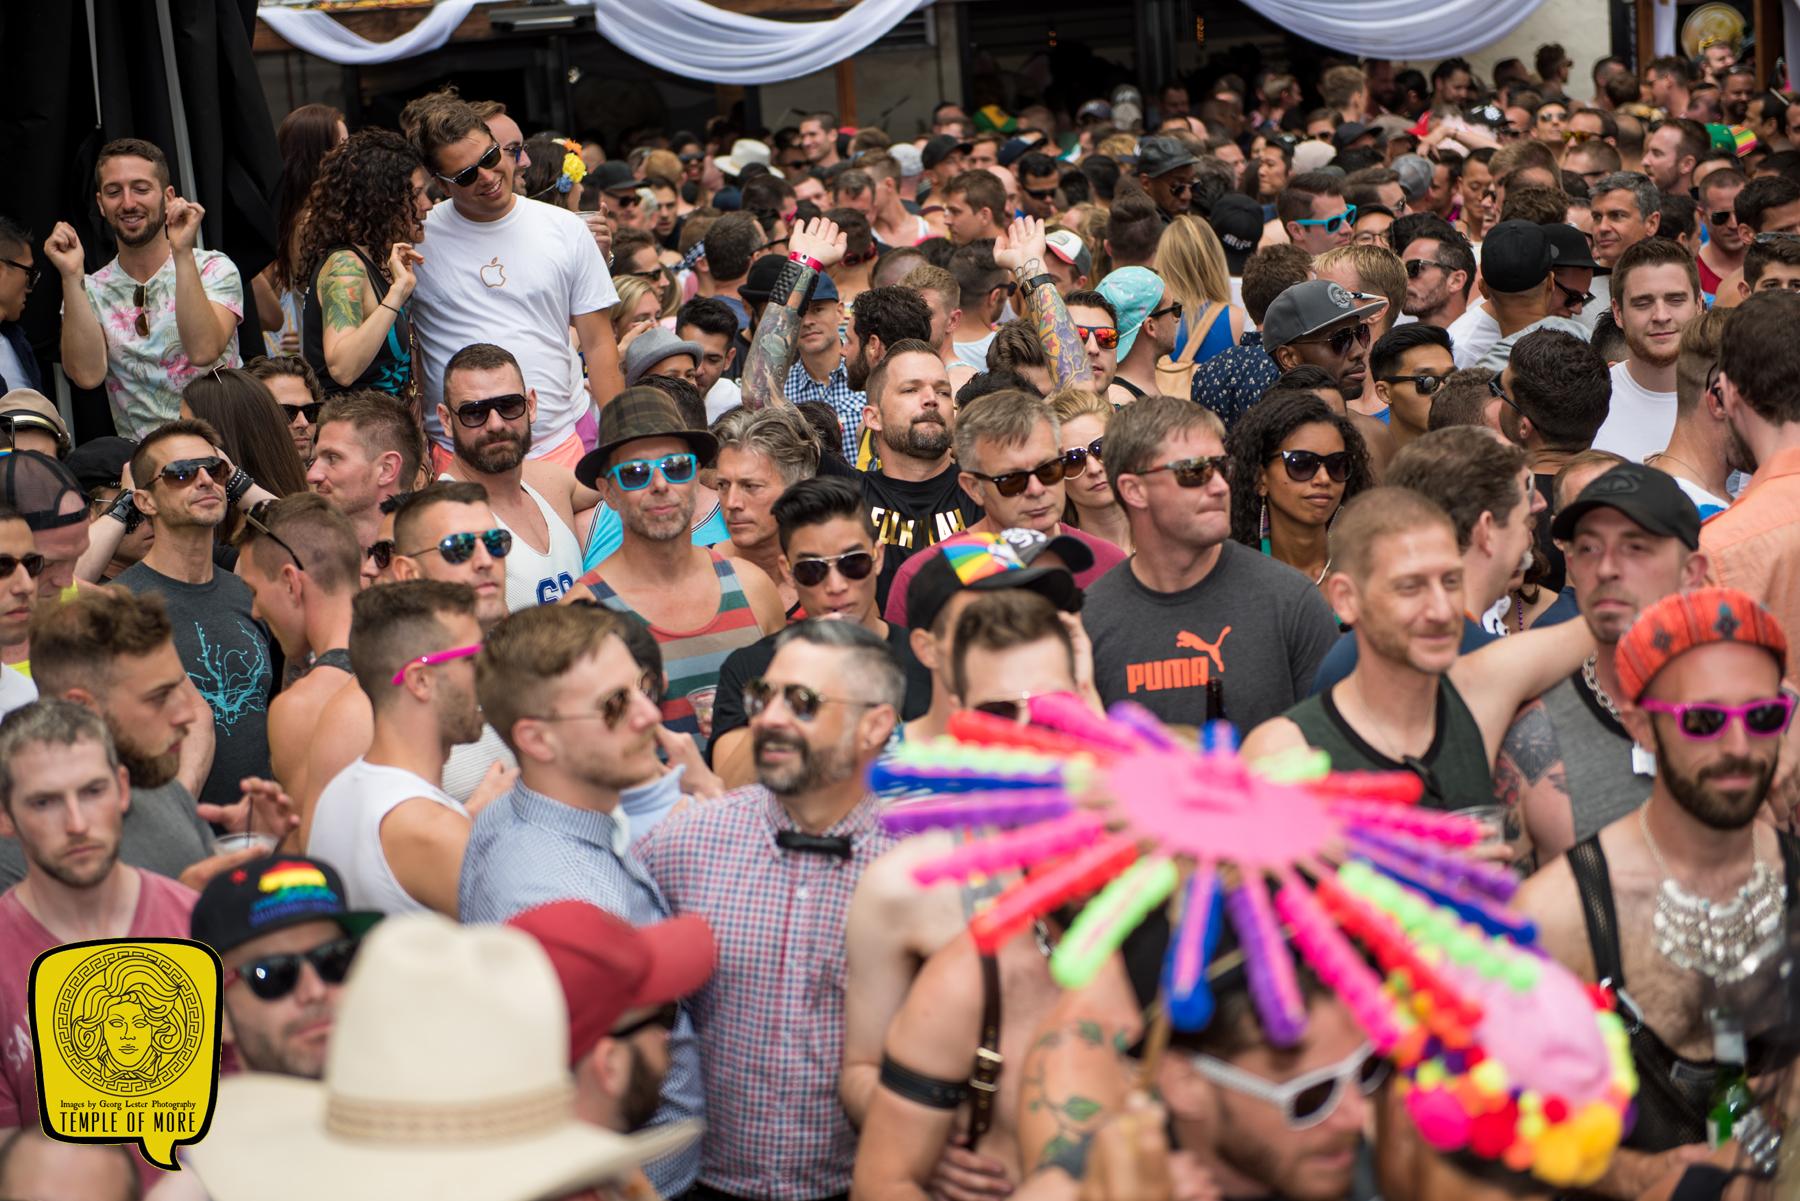 Georg Lester Photography / JM! Pride 2015 Pt 2